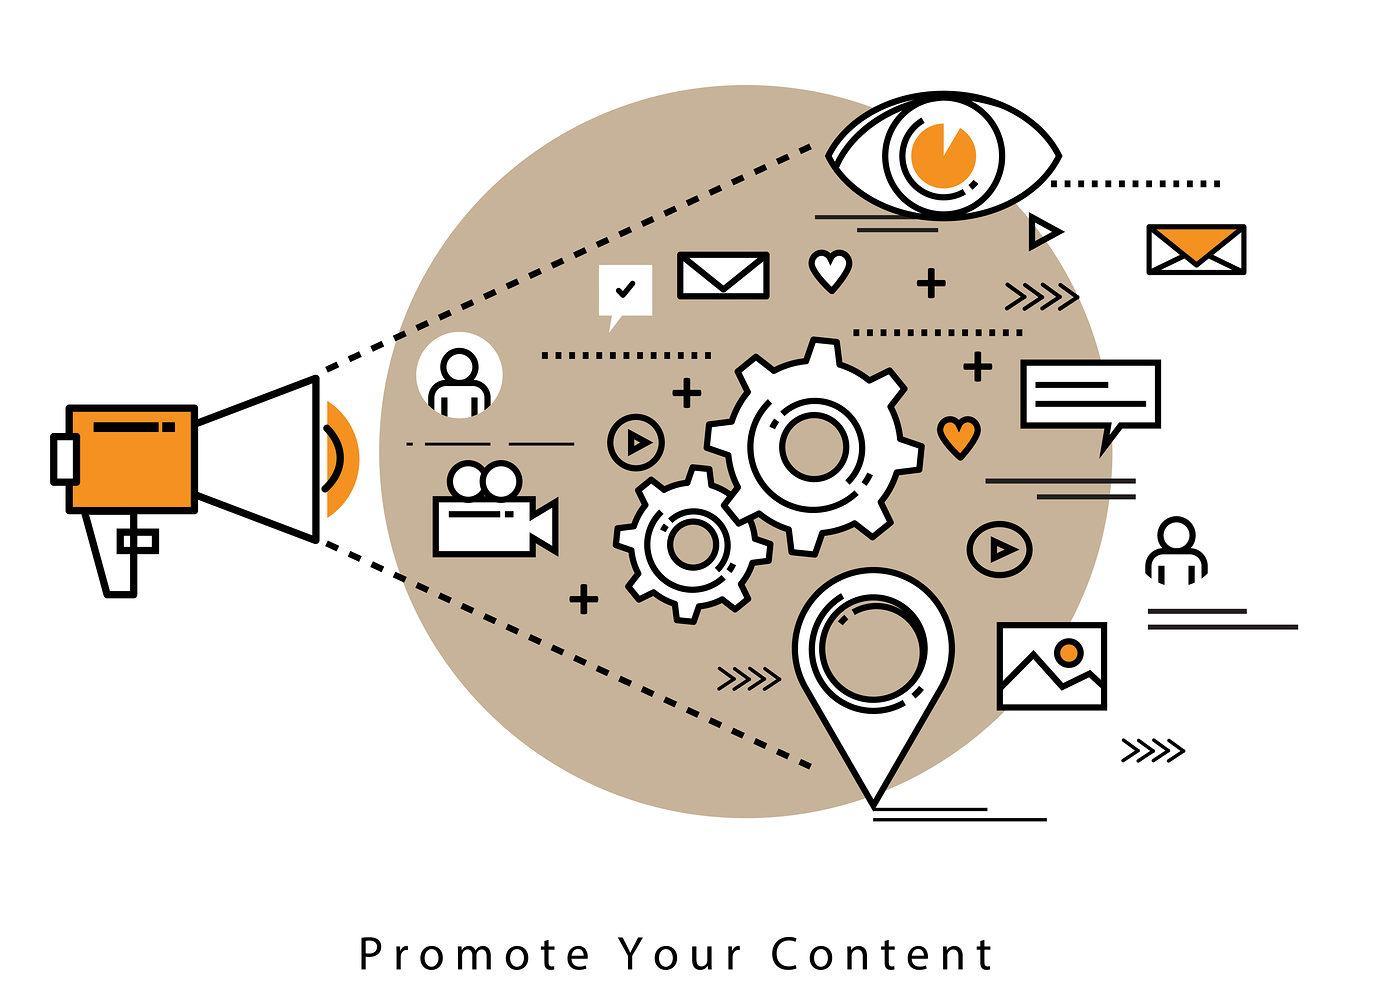 Sử dụng cấu trúc của công thức 3 đoạn khi làm Content Marketing